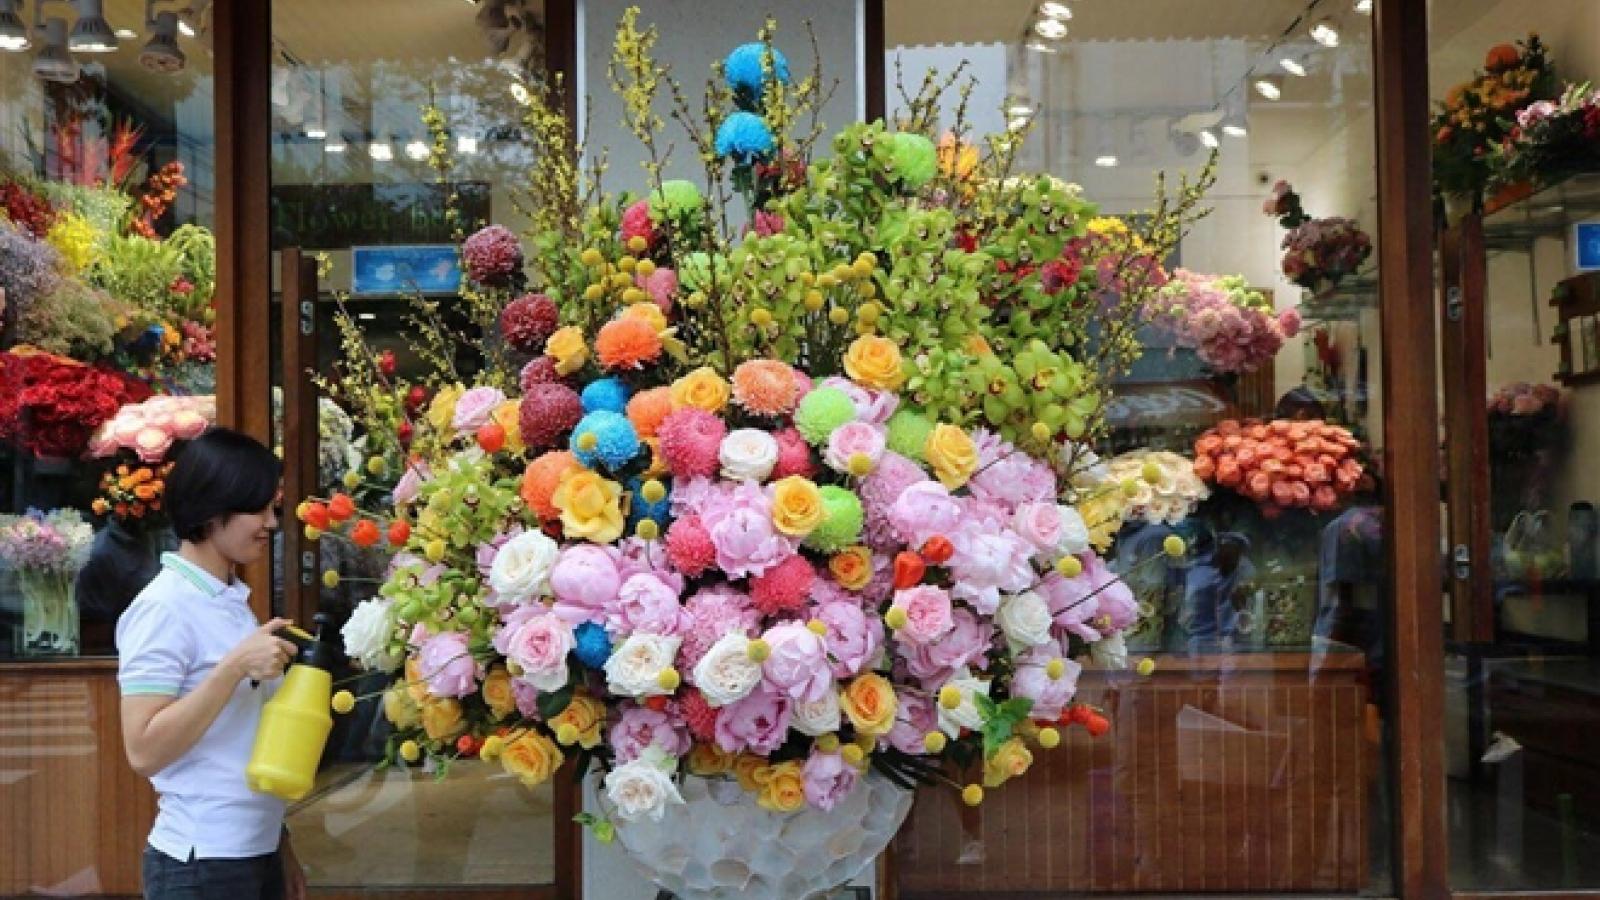 Bình hoa tặng 8/3 giá 65 triệu đồng có gì đặc biệt?